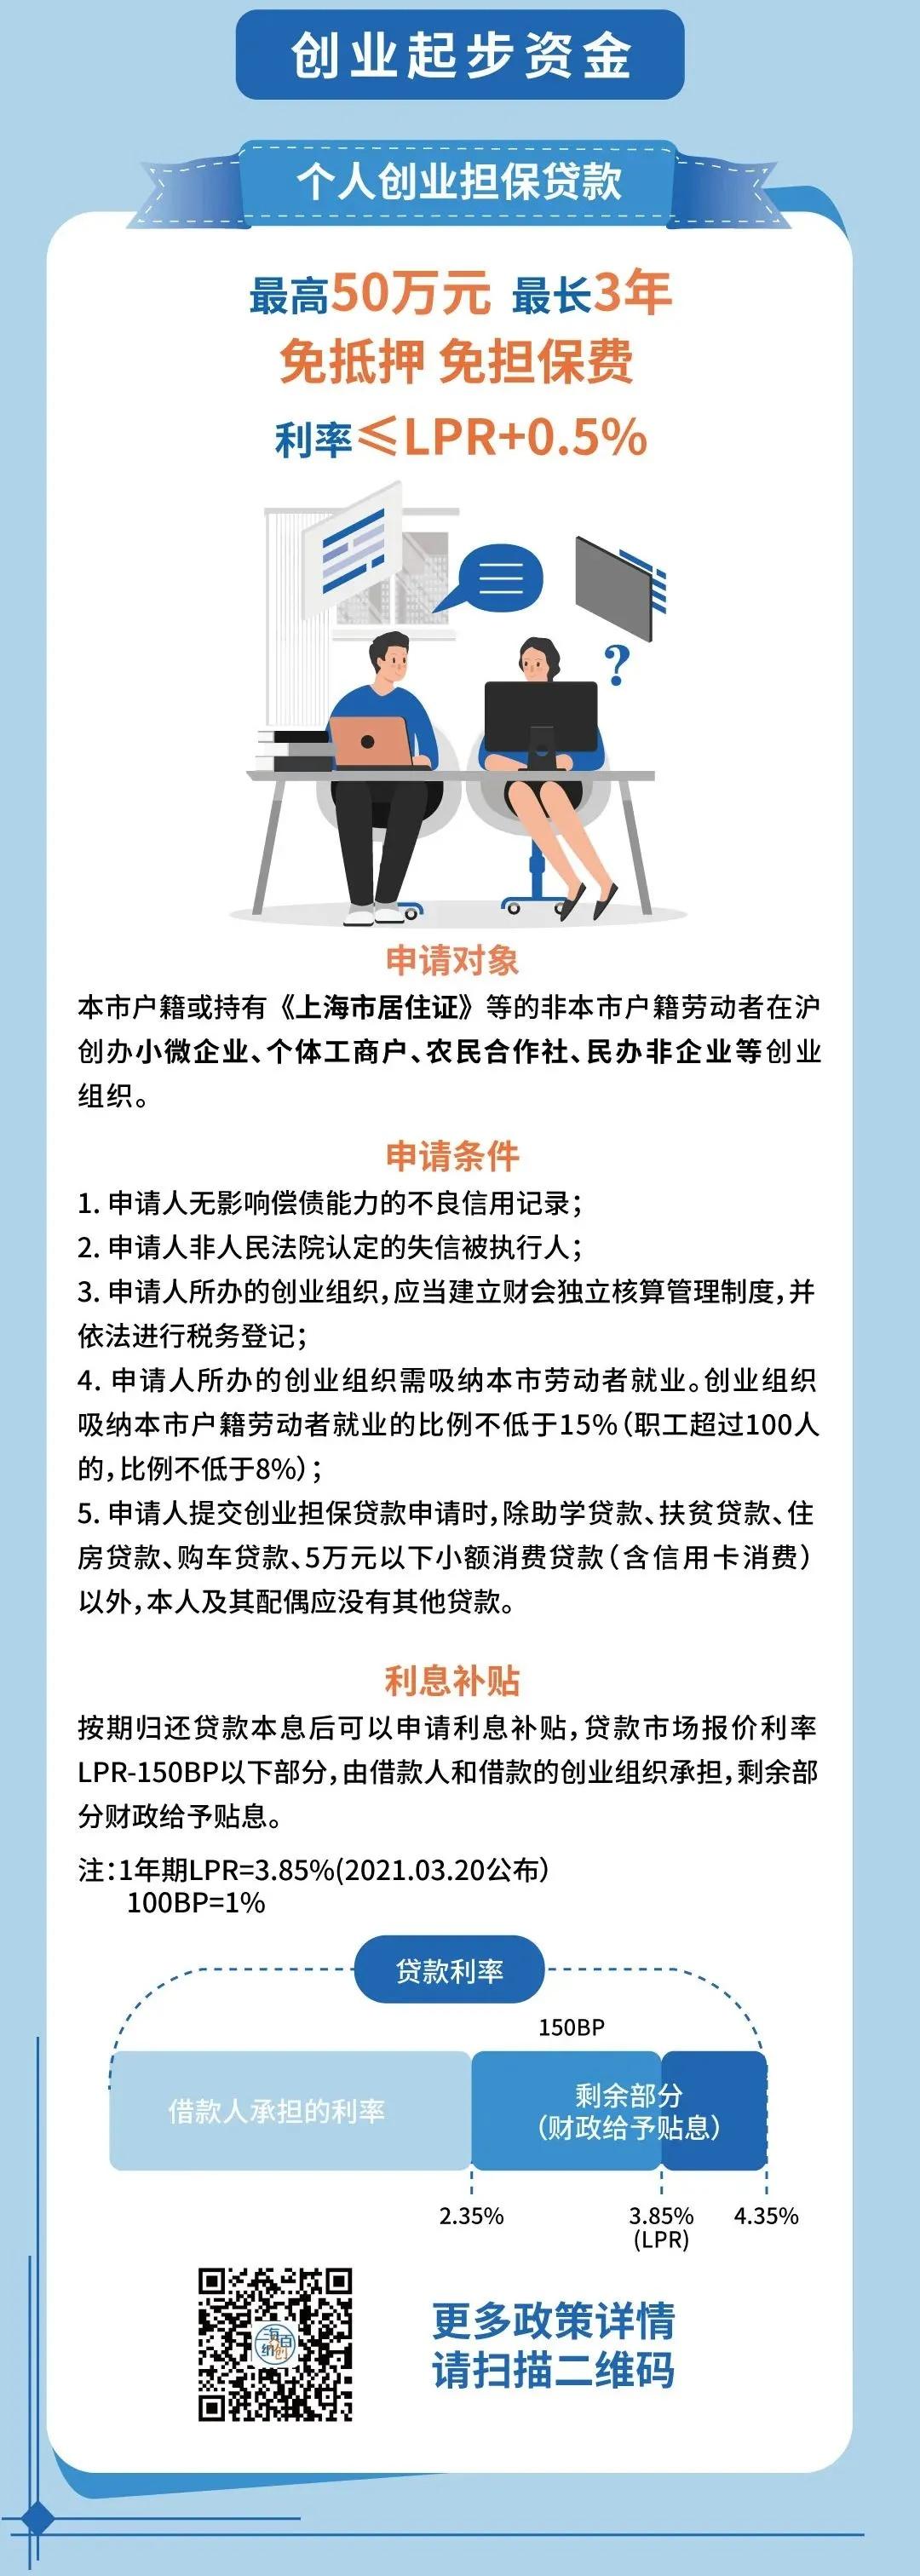 一图解读上海市创业担保贷款及贴息政策